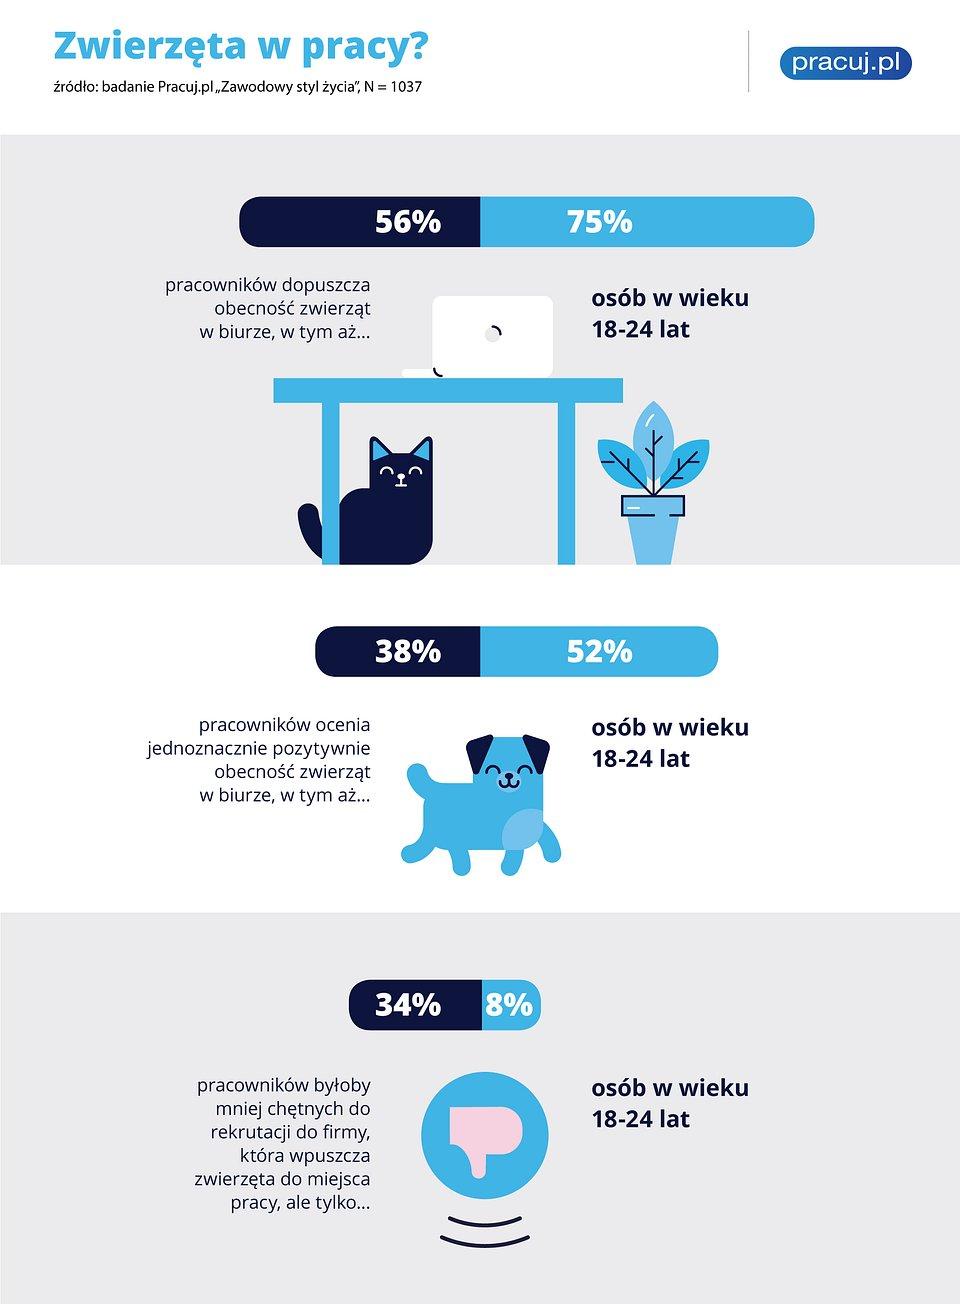 infografika_zwięrzęta-w-pracy.jpg